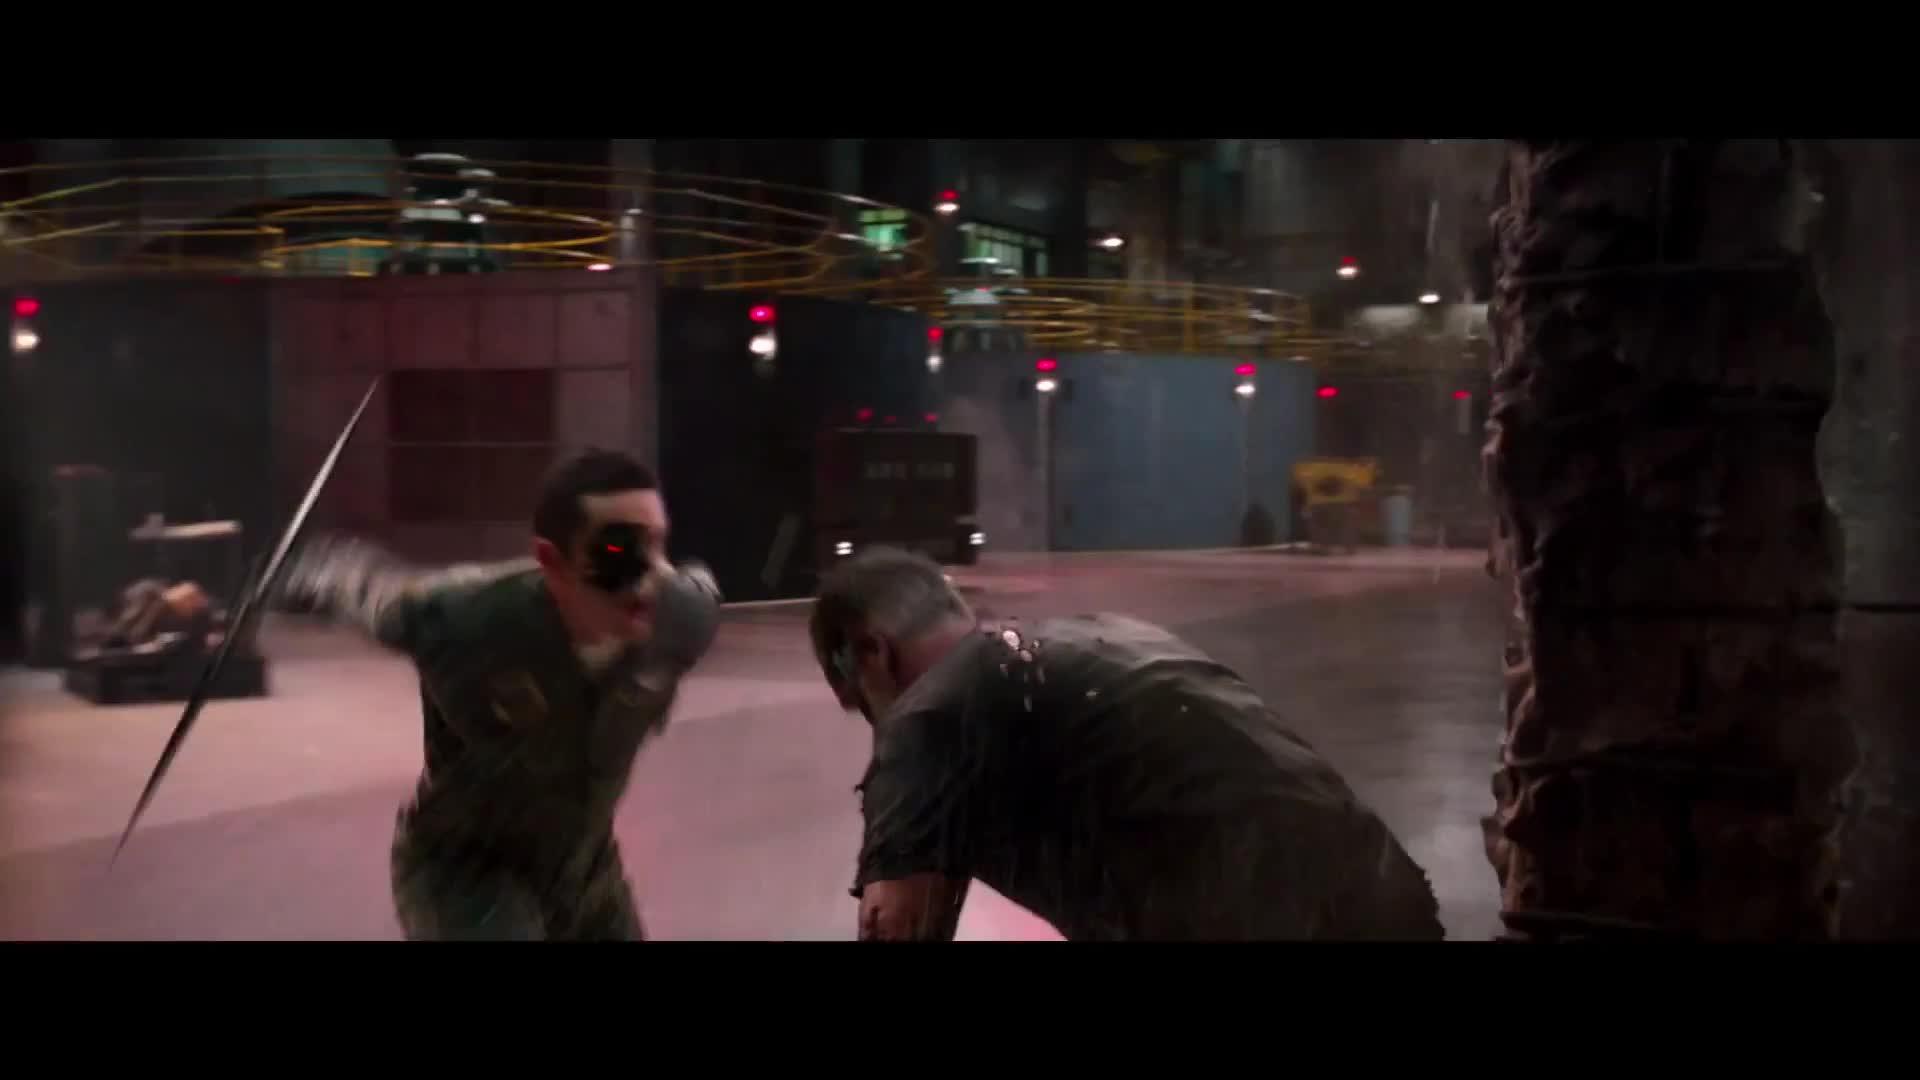 Terminator: Dark Fate - TV Spots 6-8 [HD] screen capture